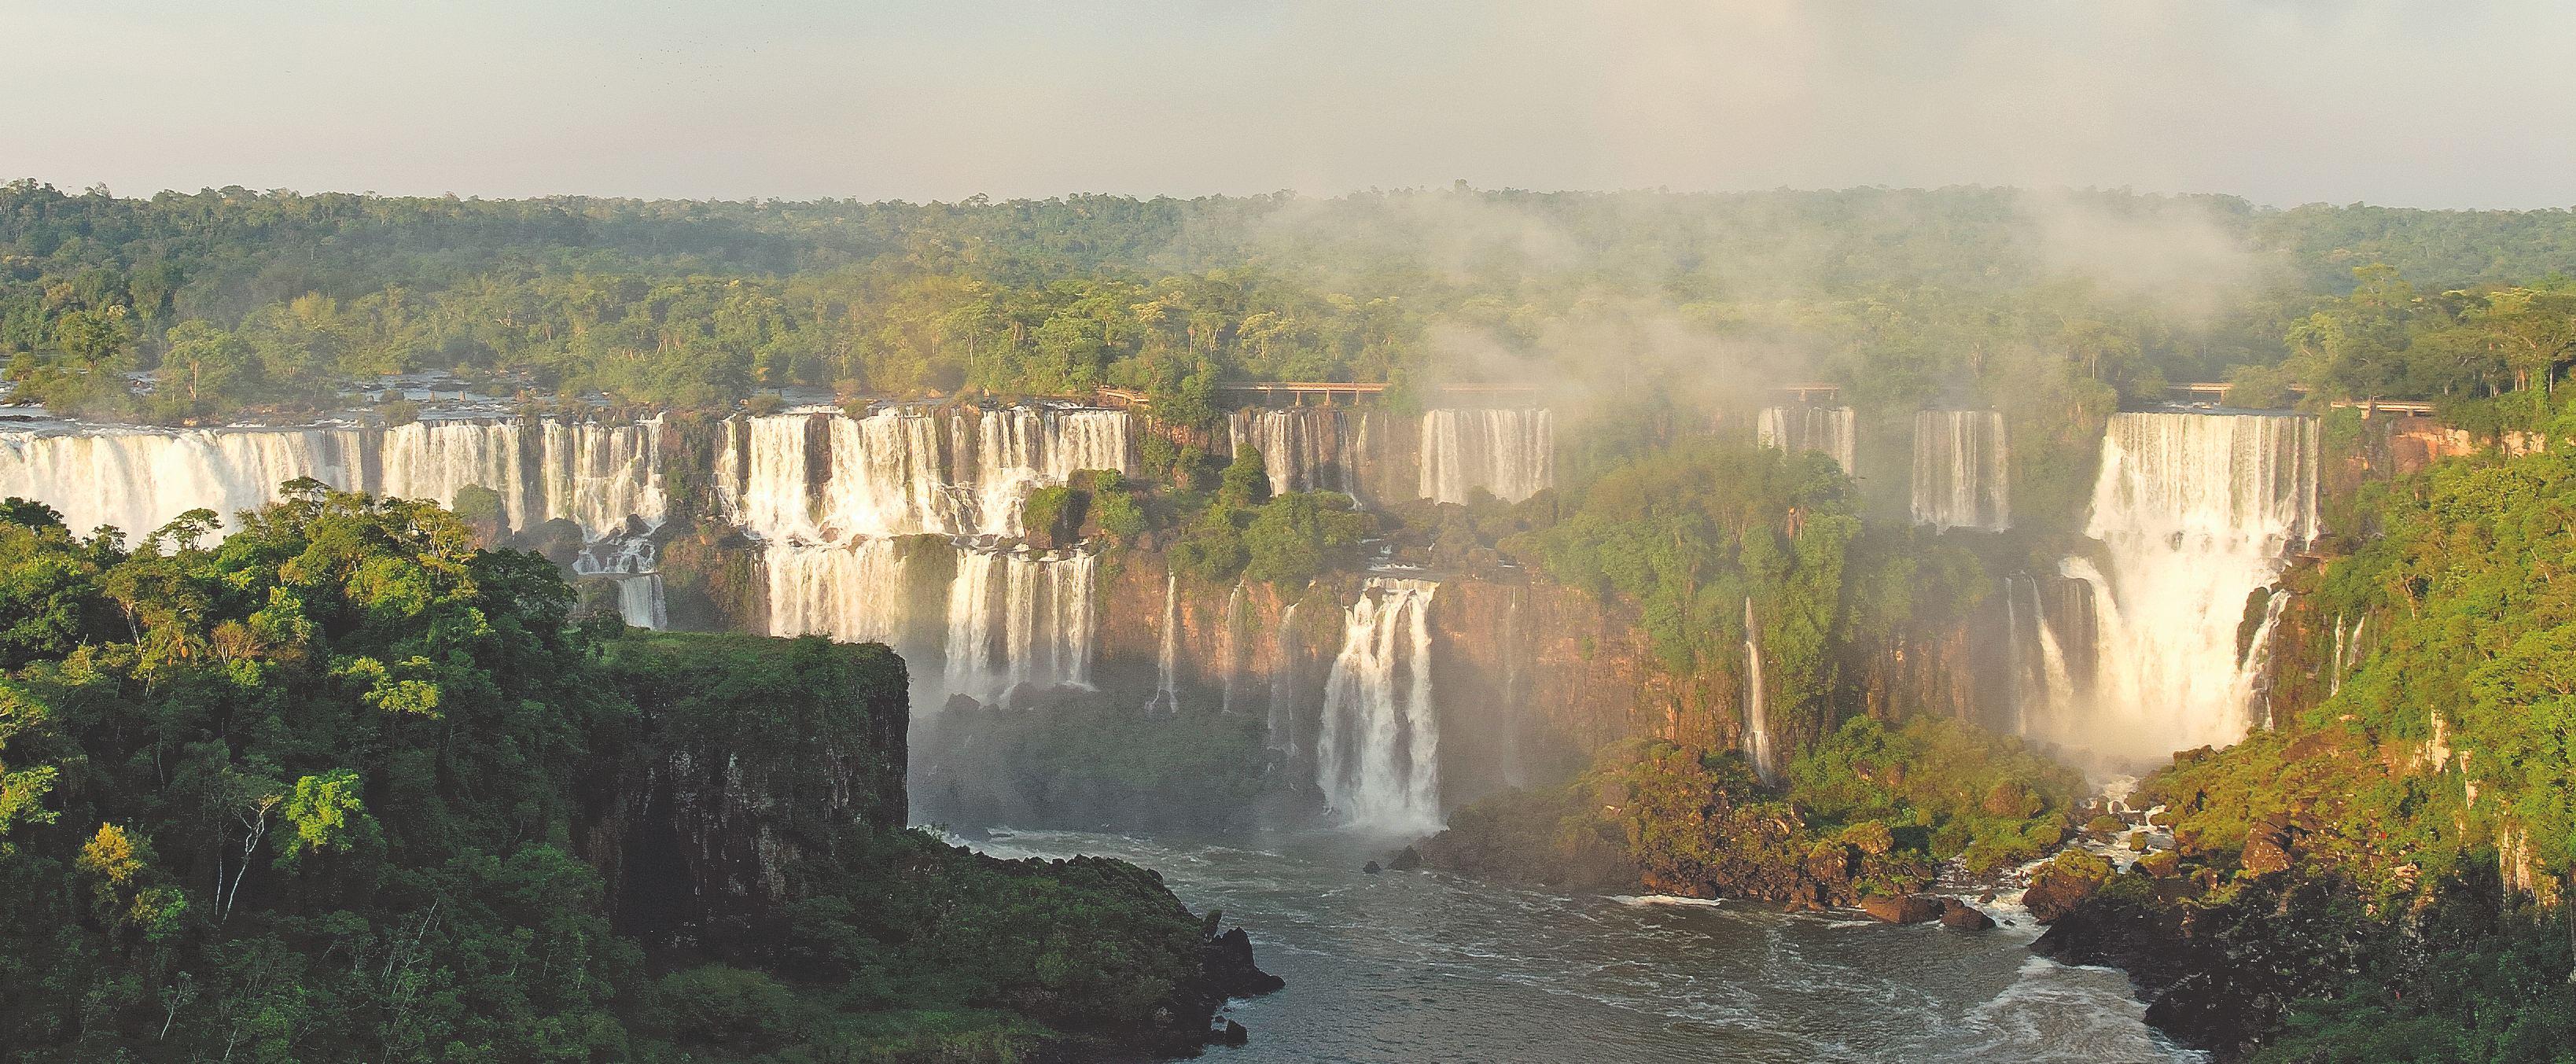 Brasilien - Iguazu